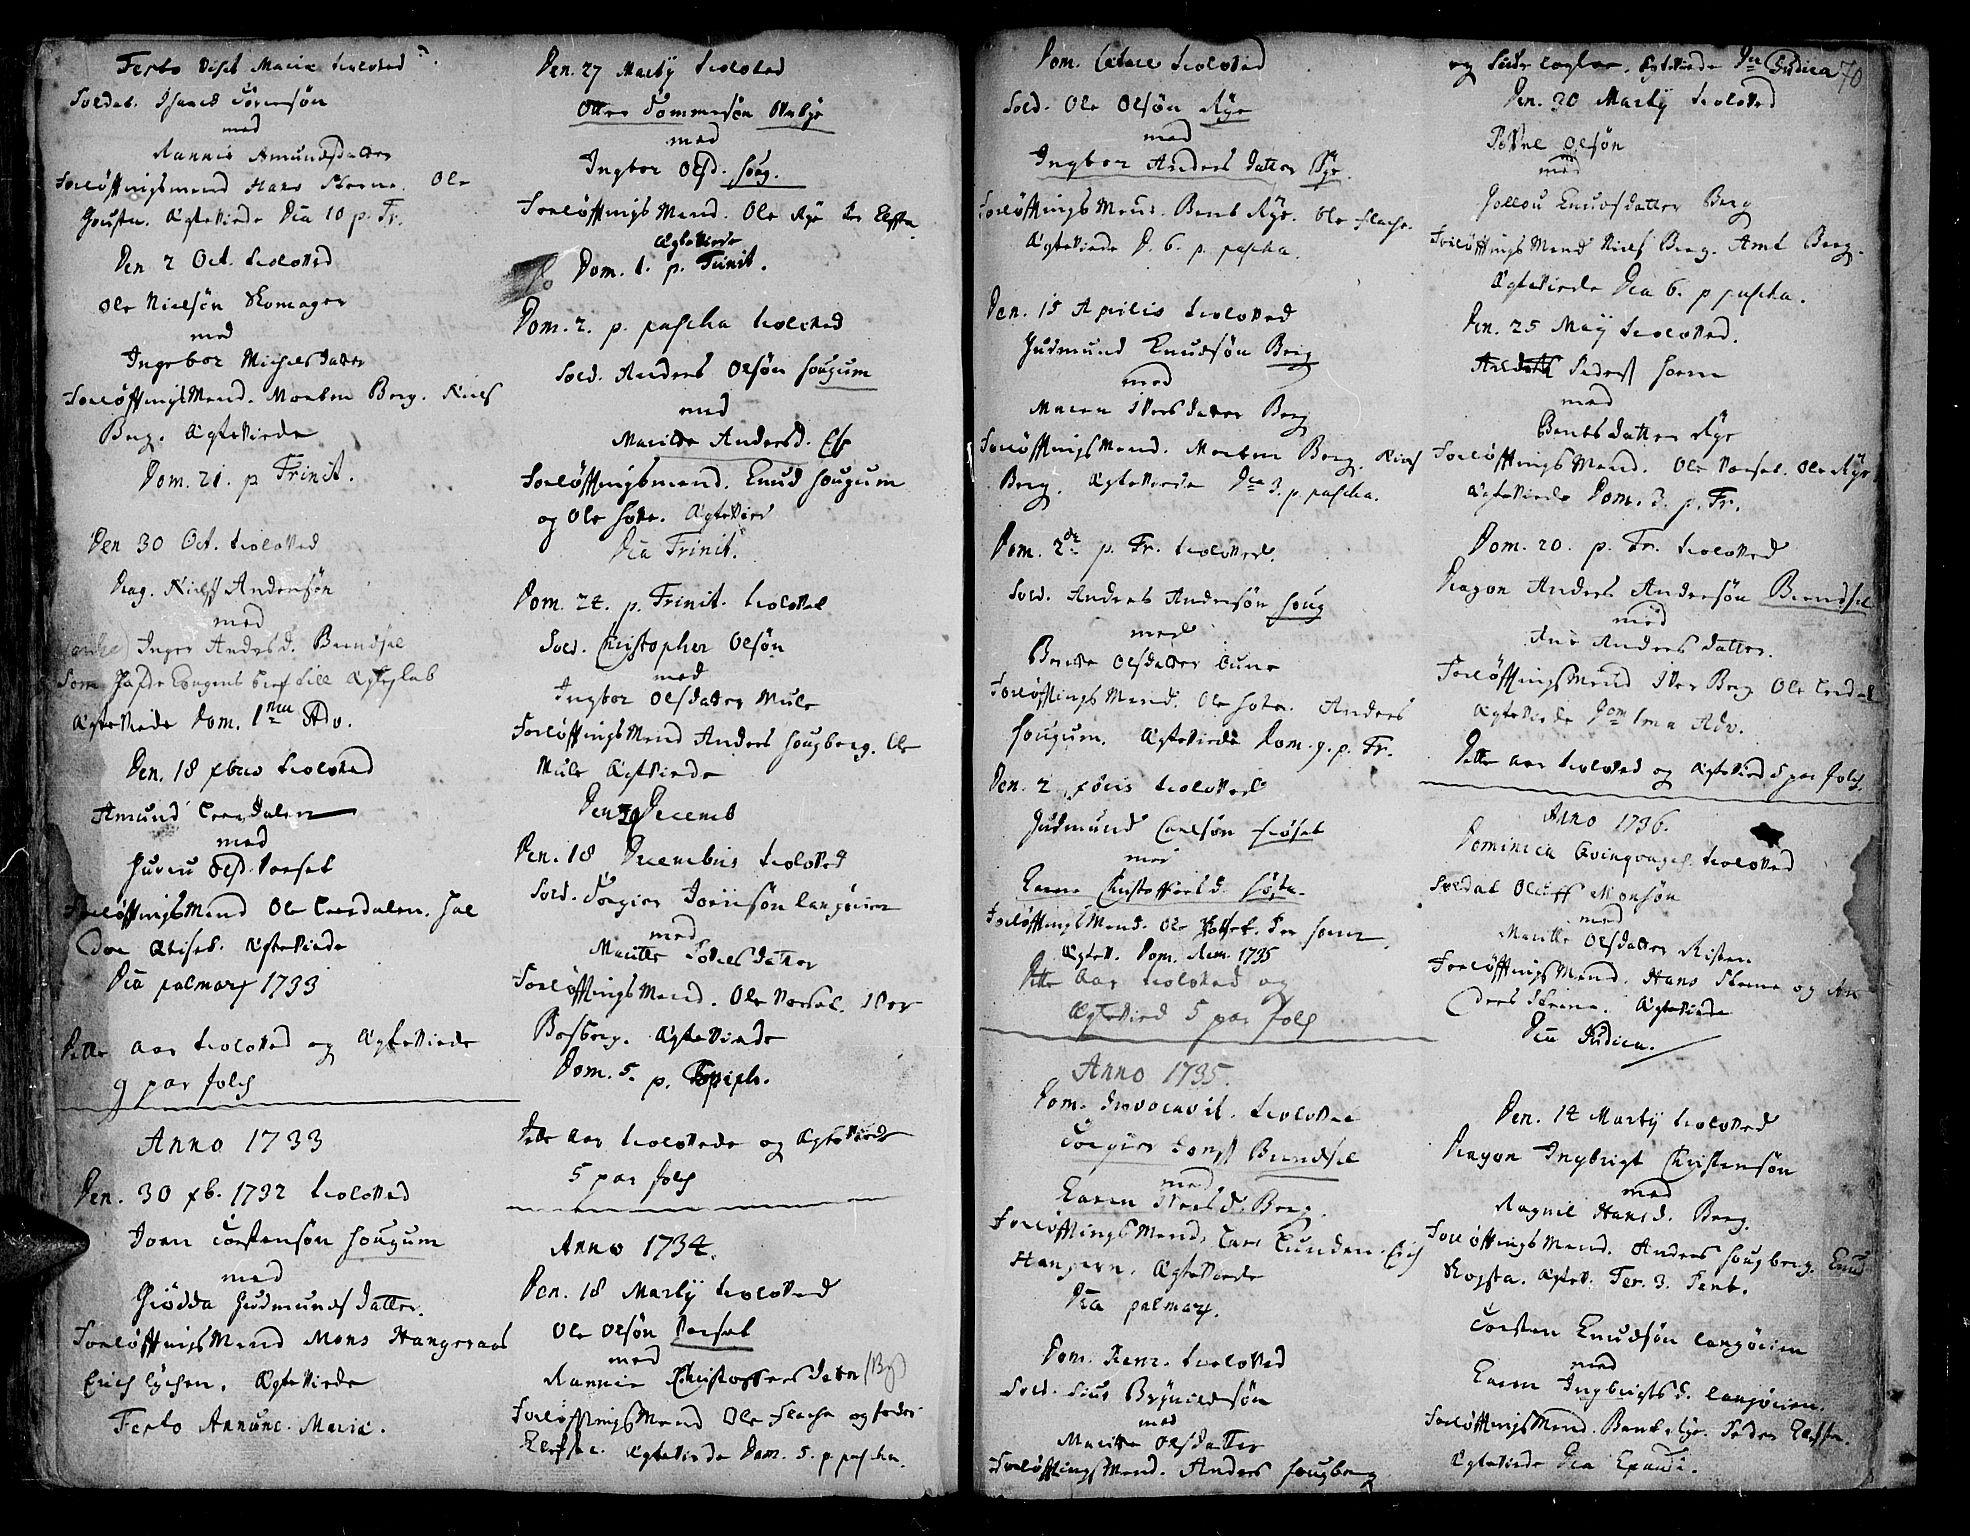 SAT, Ministerialprotokoller, klokkerbøker og fødselsregistre - Sør-Trøndelag, 612/L0368: Ministerialbok nr. 612A02, 1702-1753, s. 70